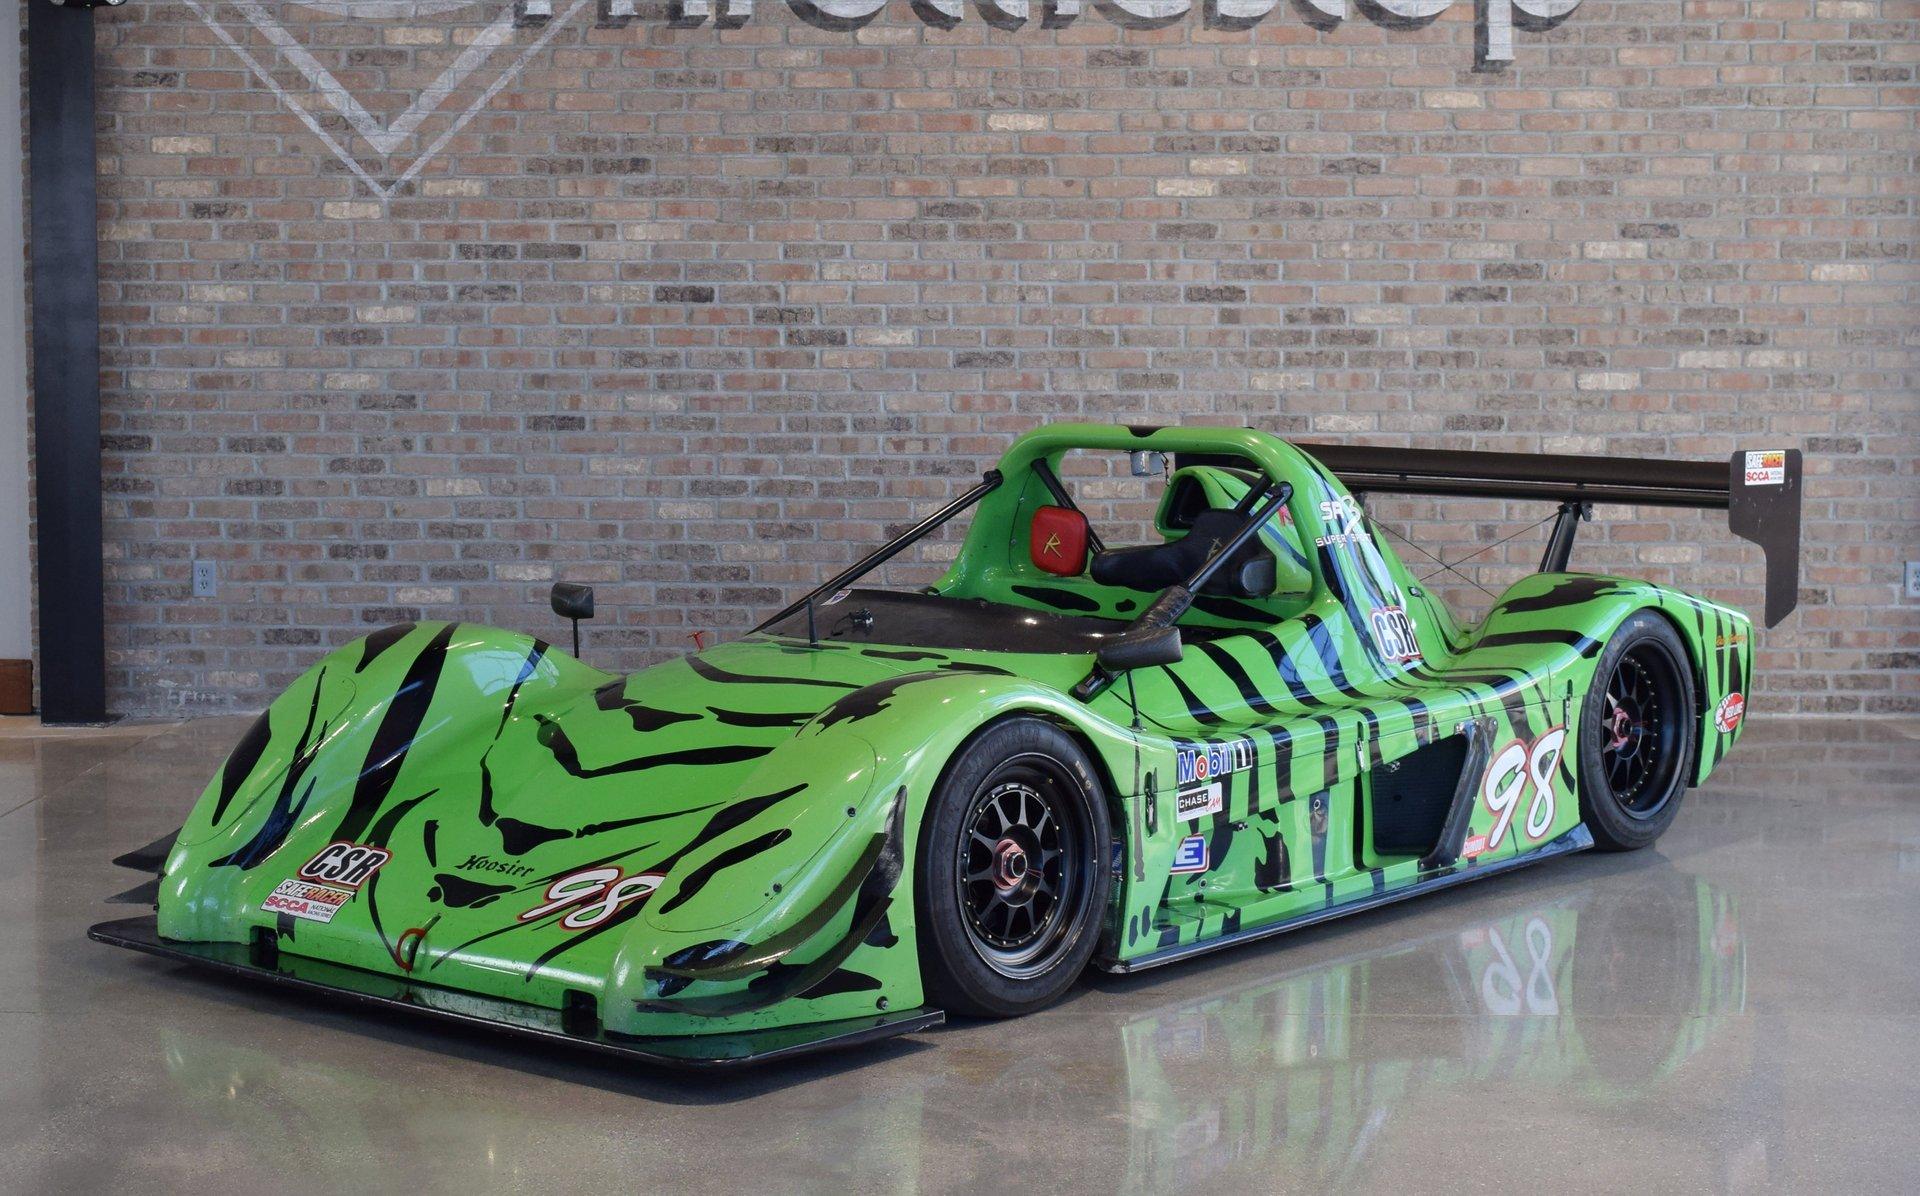 2003 radical sr 3 race car